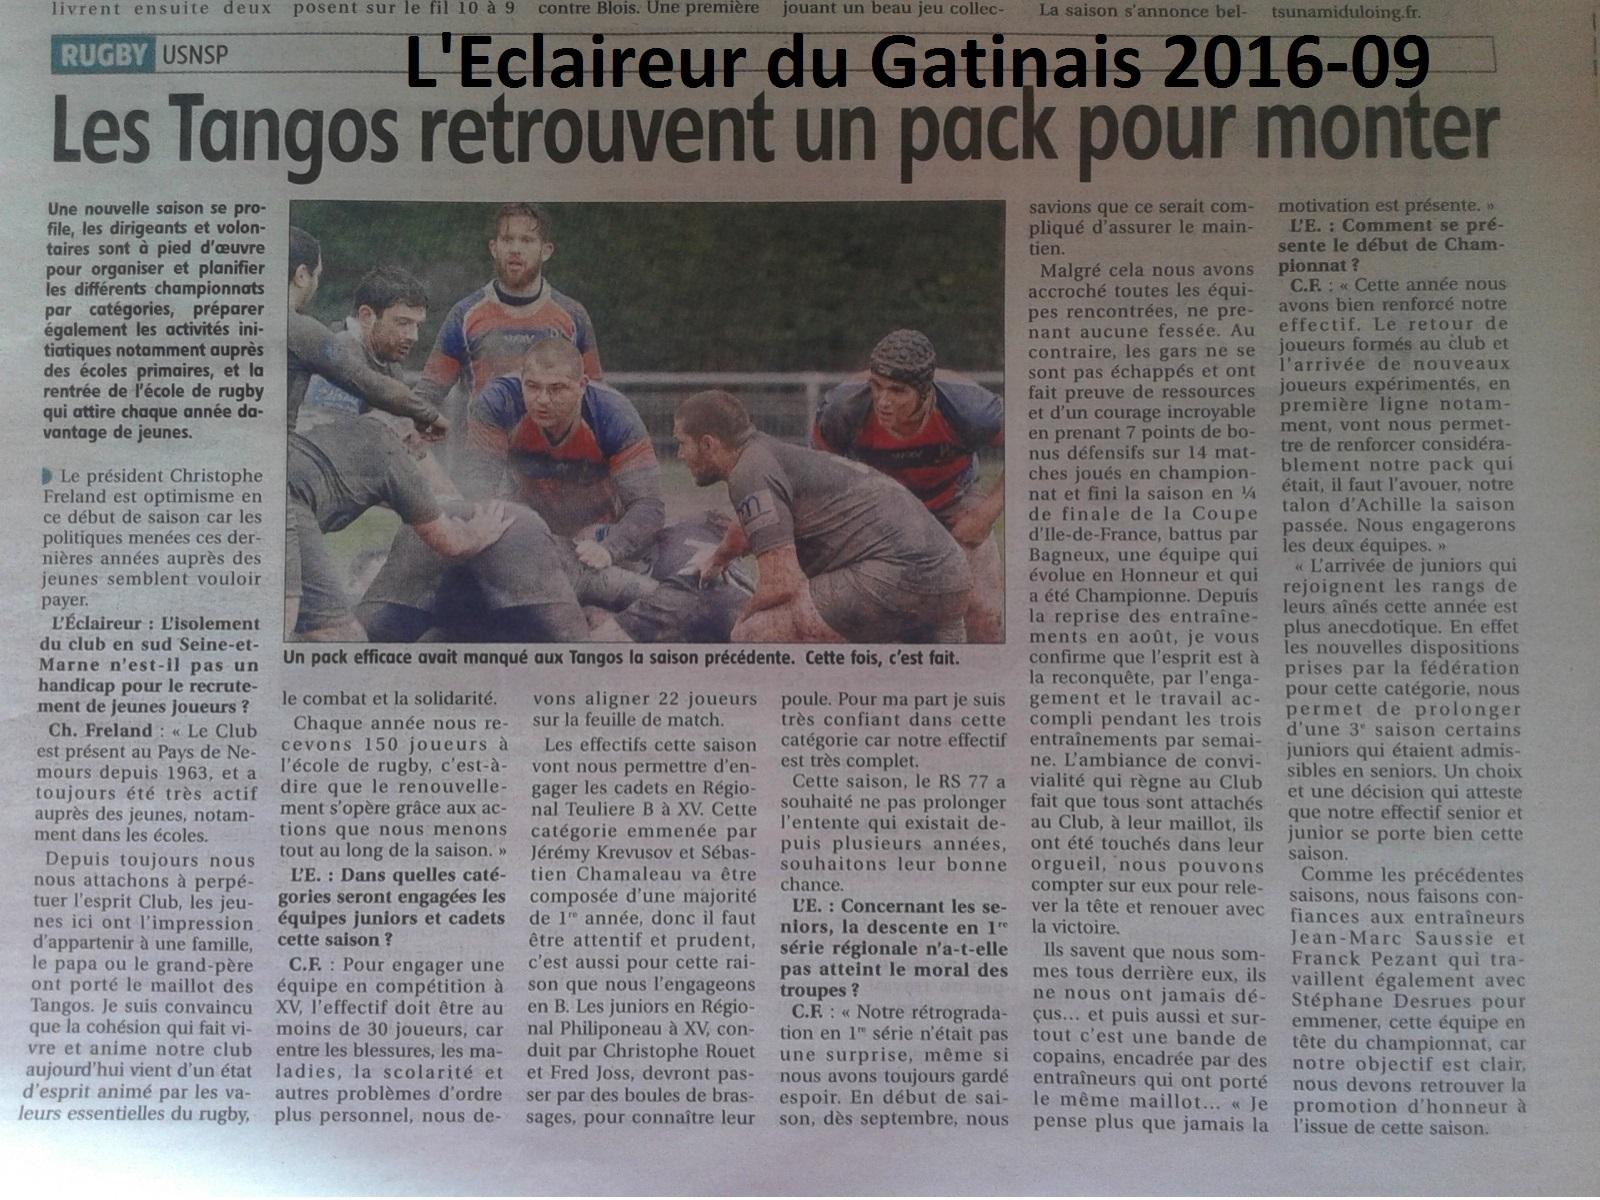 Eclaireur du Gatinais 2016-09